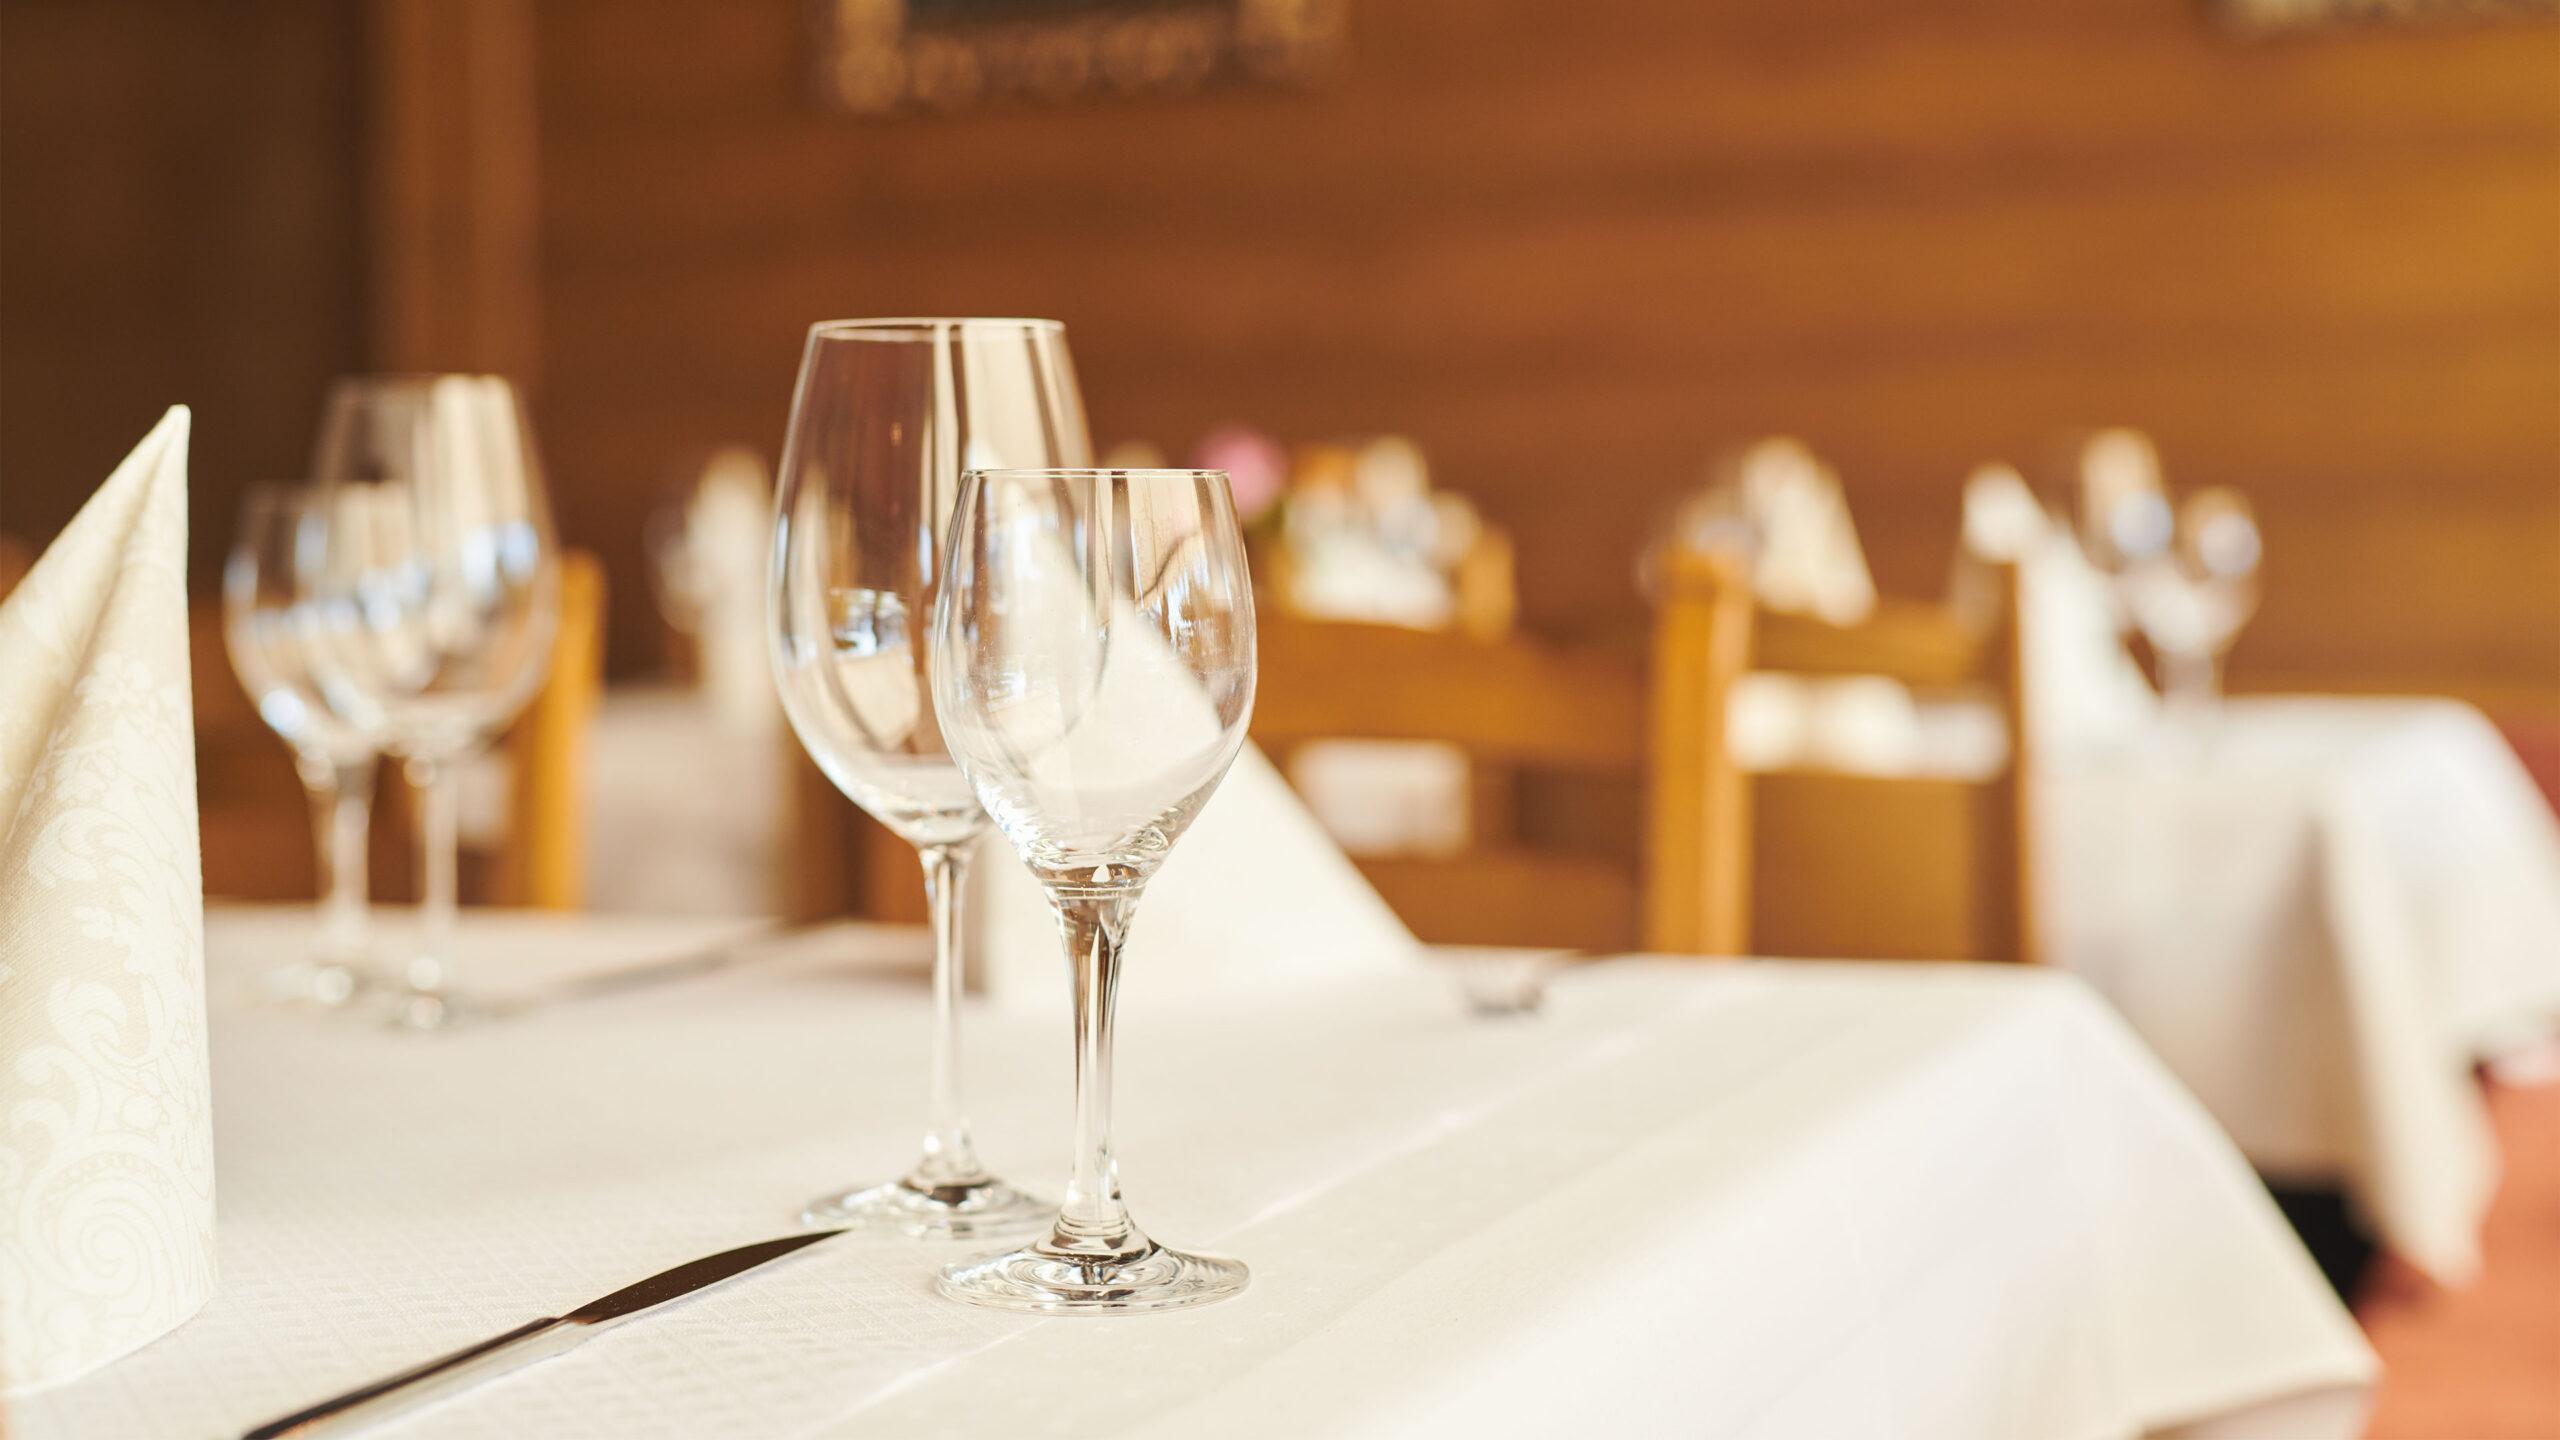 Restaurant-Schiffli-Diepoldsau-200905-PHK0067_eciRGB_v2-3840x2160